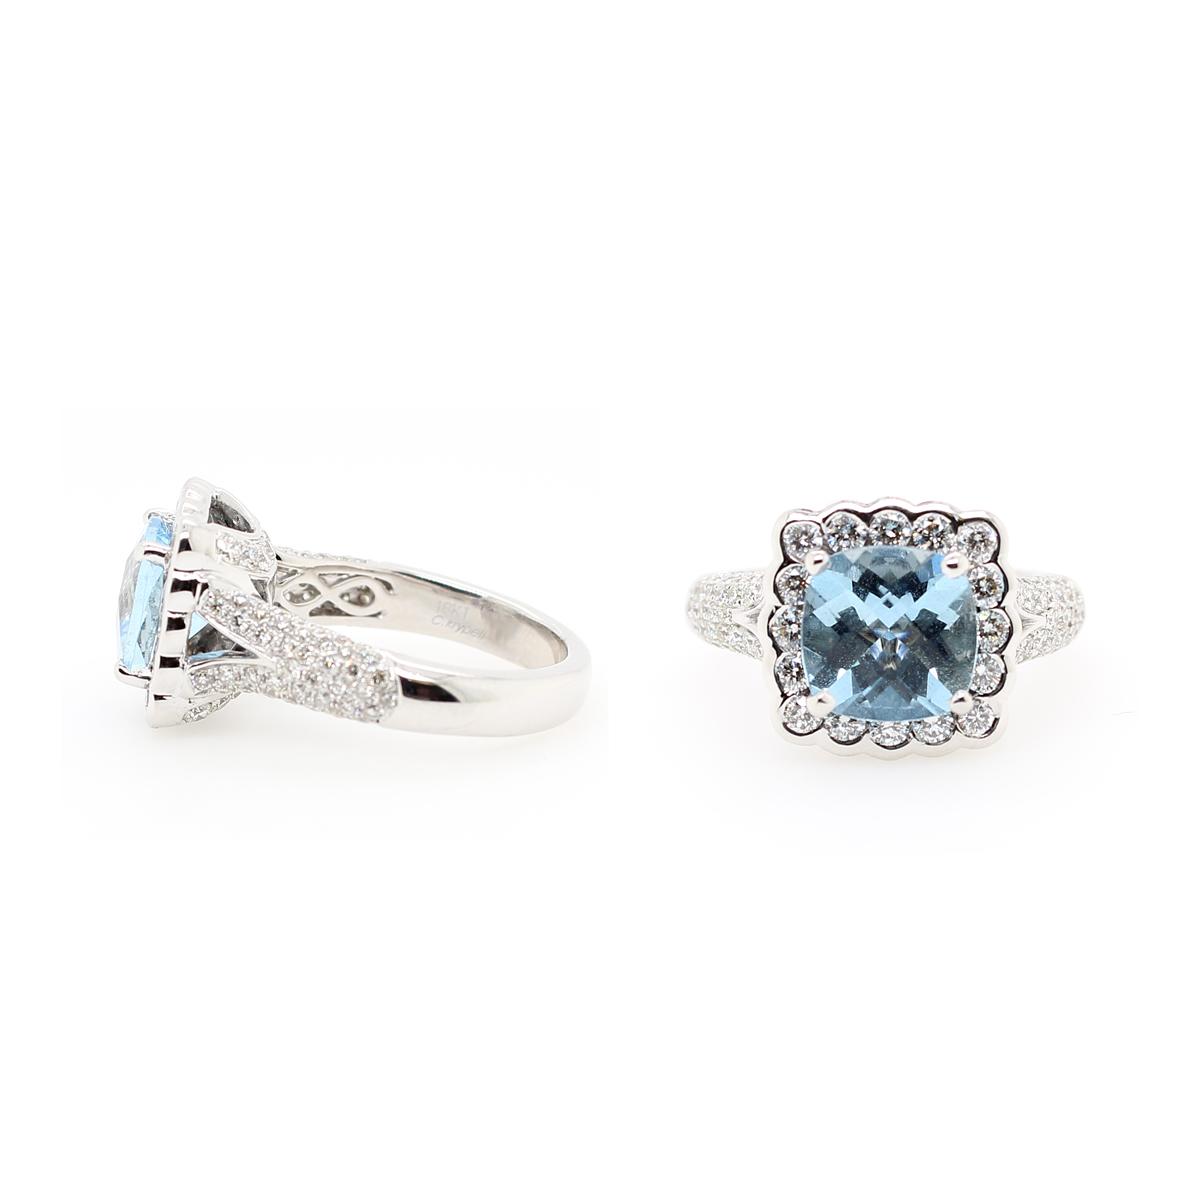 Charles Krypell 18 Karat White Gold Aquamarine and Diamond Ring